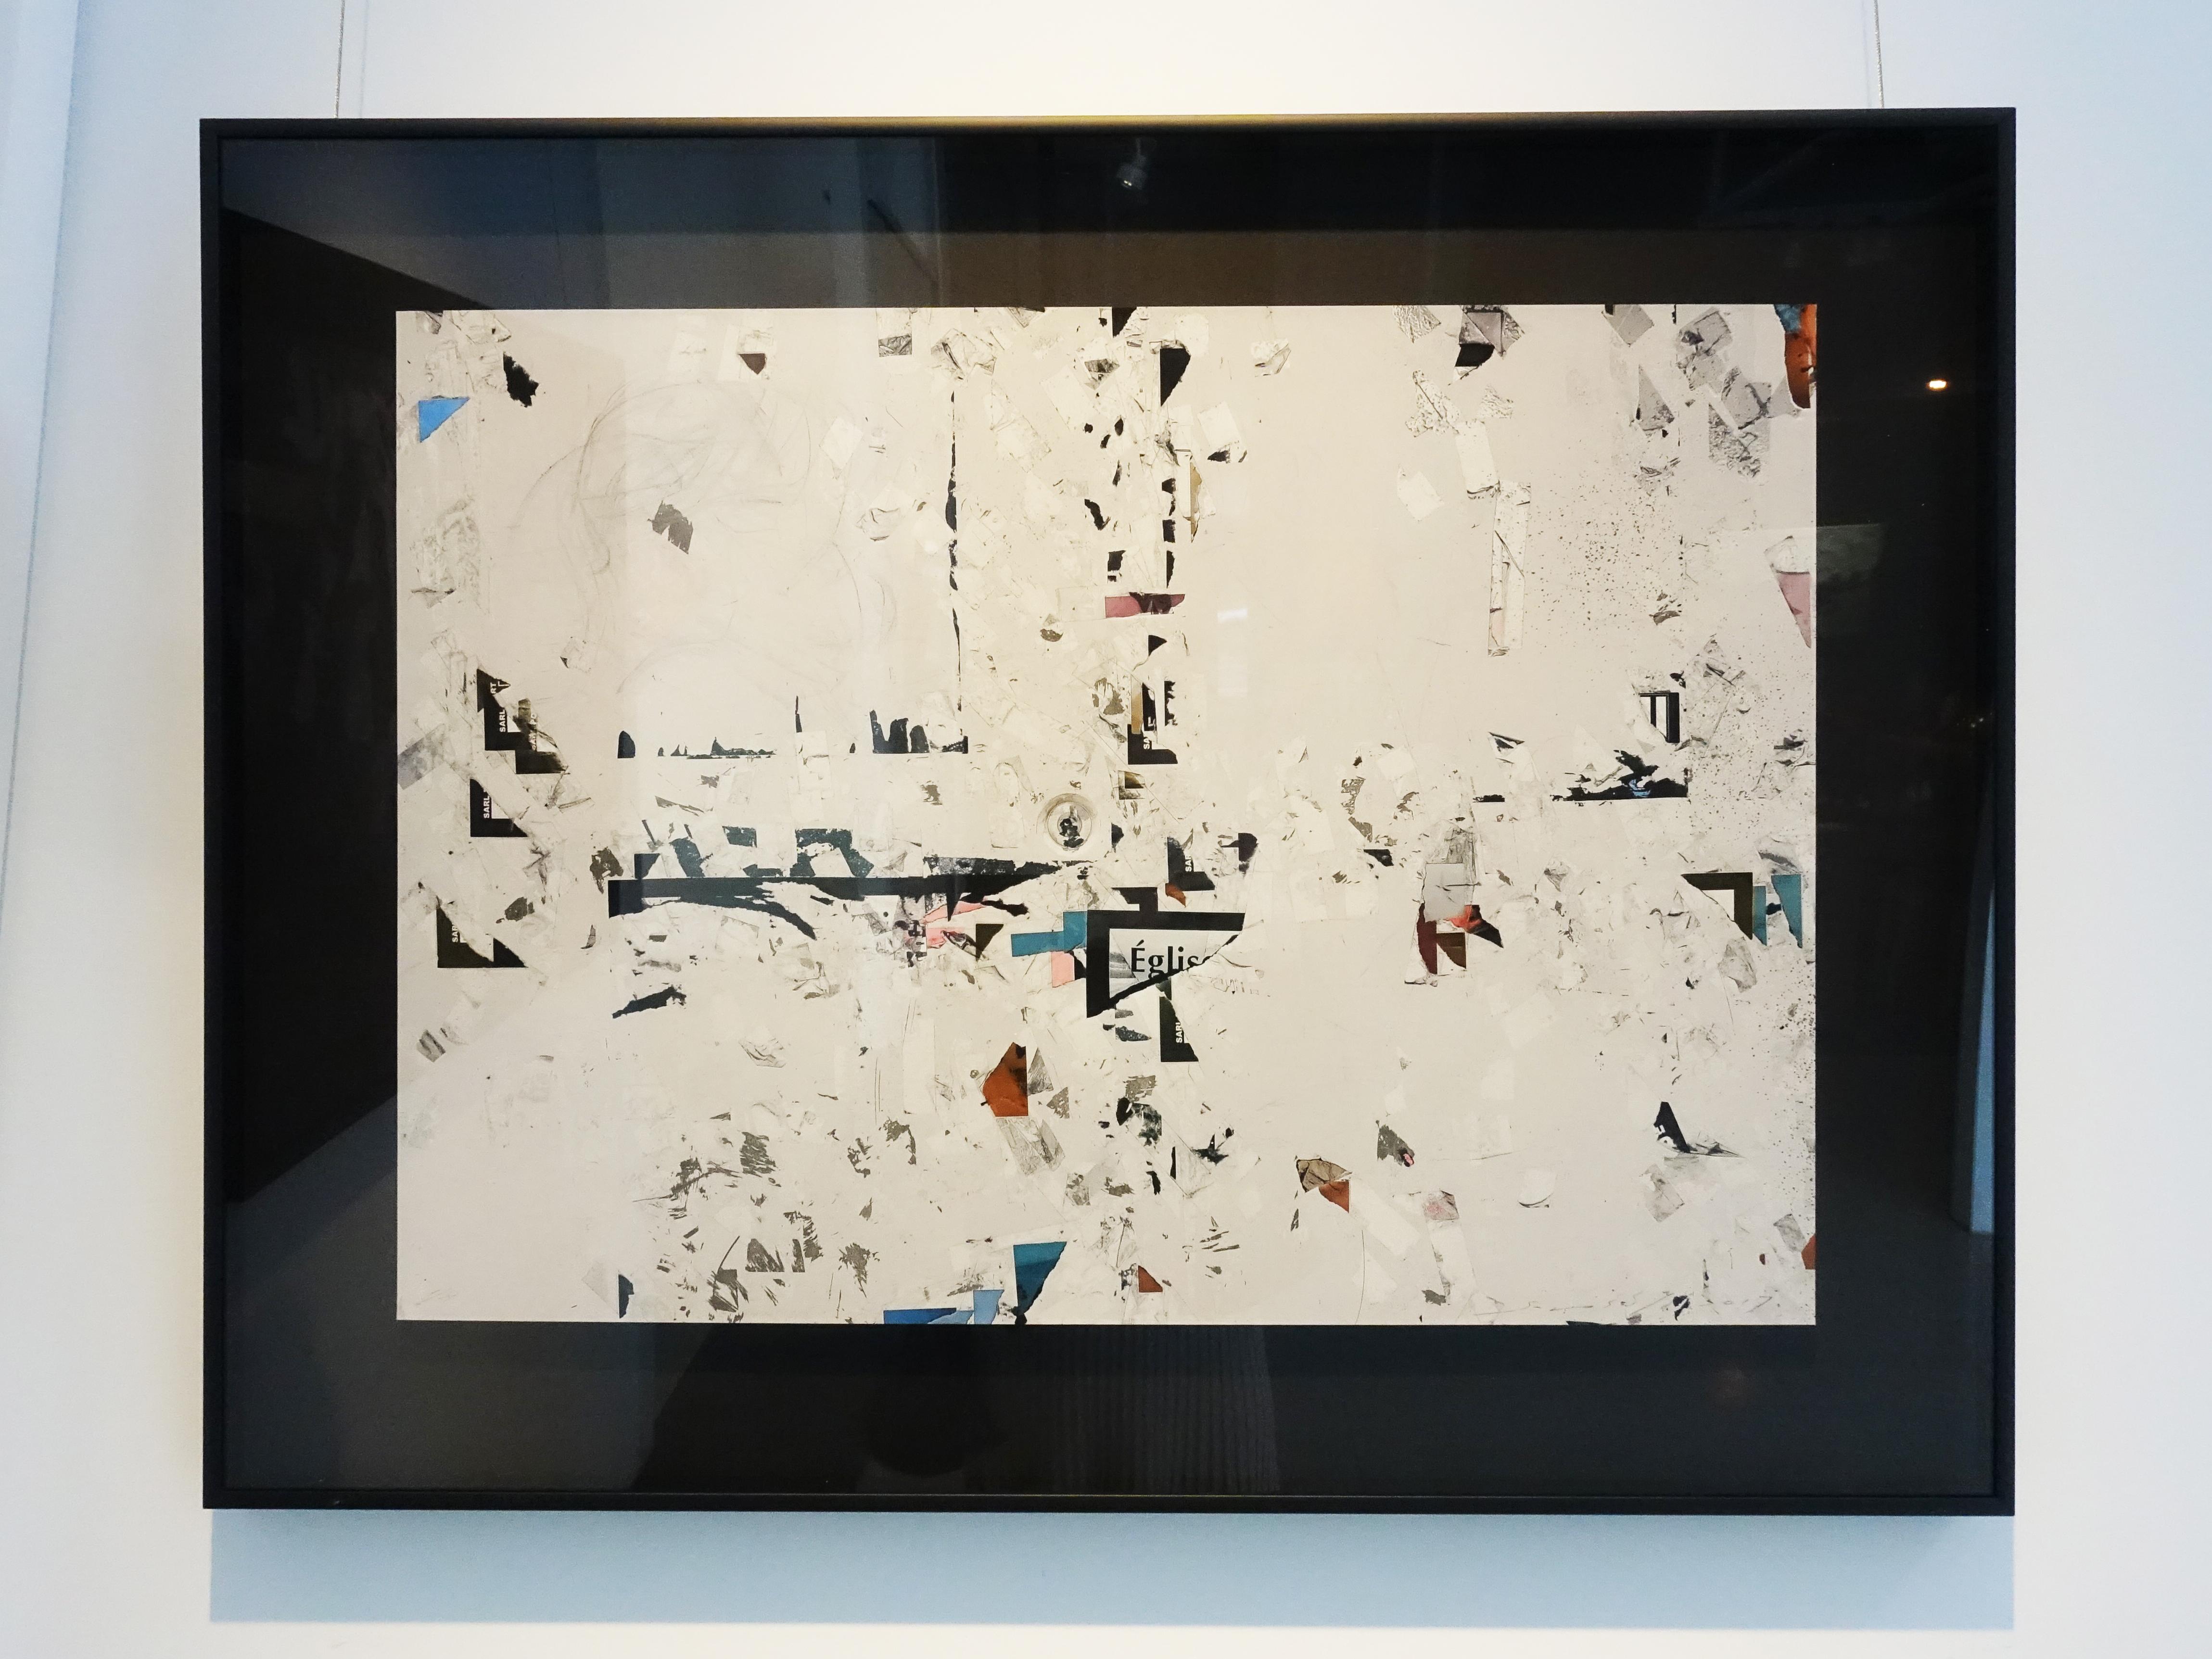 小山俊孝,《後當代表現主義#28_W》,24 x 17 in,攝影、無酸藝術紙,2017。